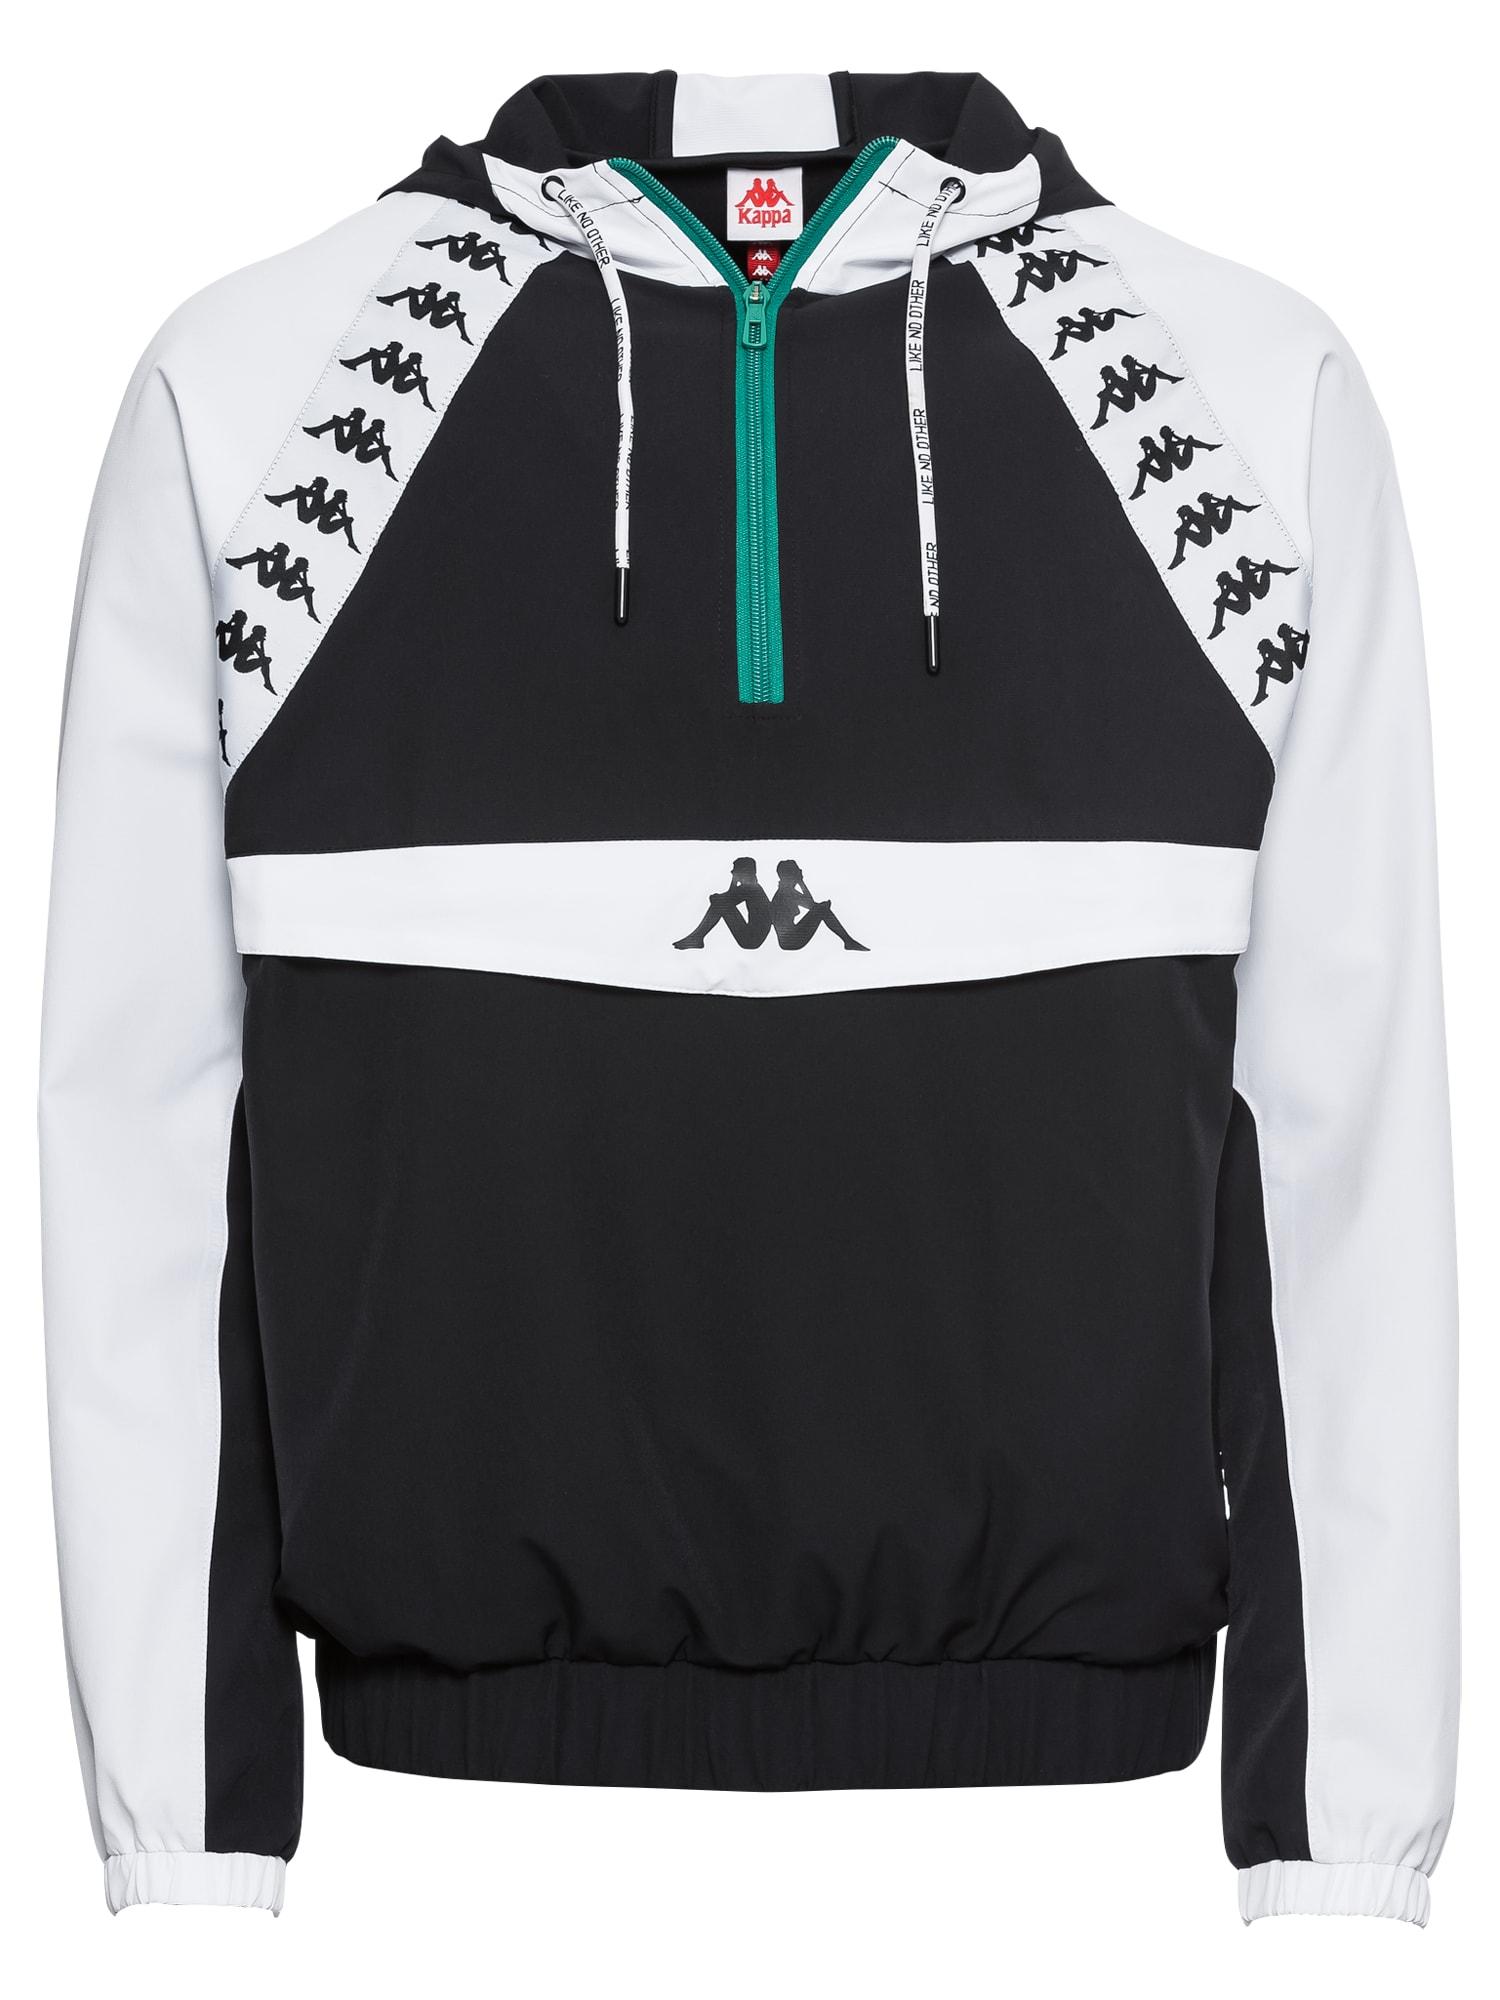 Přechodná bunda Authentic Bakit černá bílá KAPPA